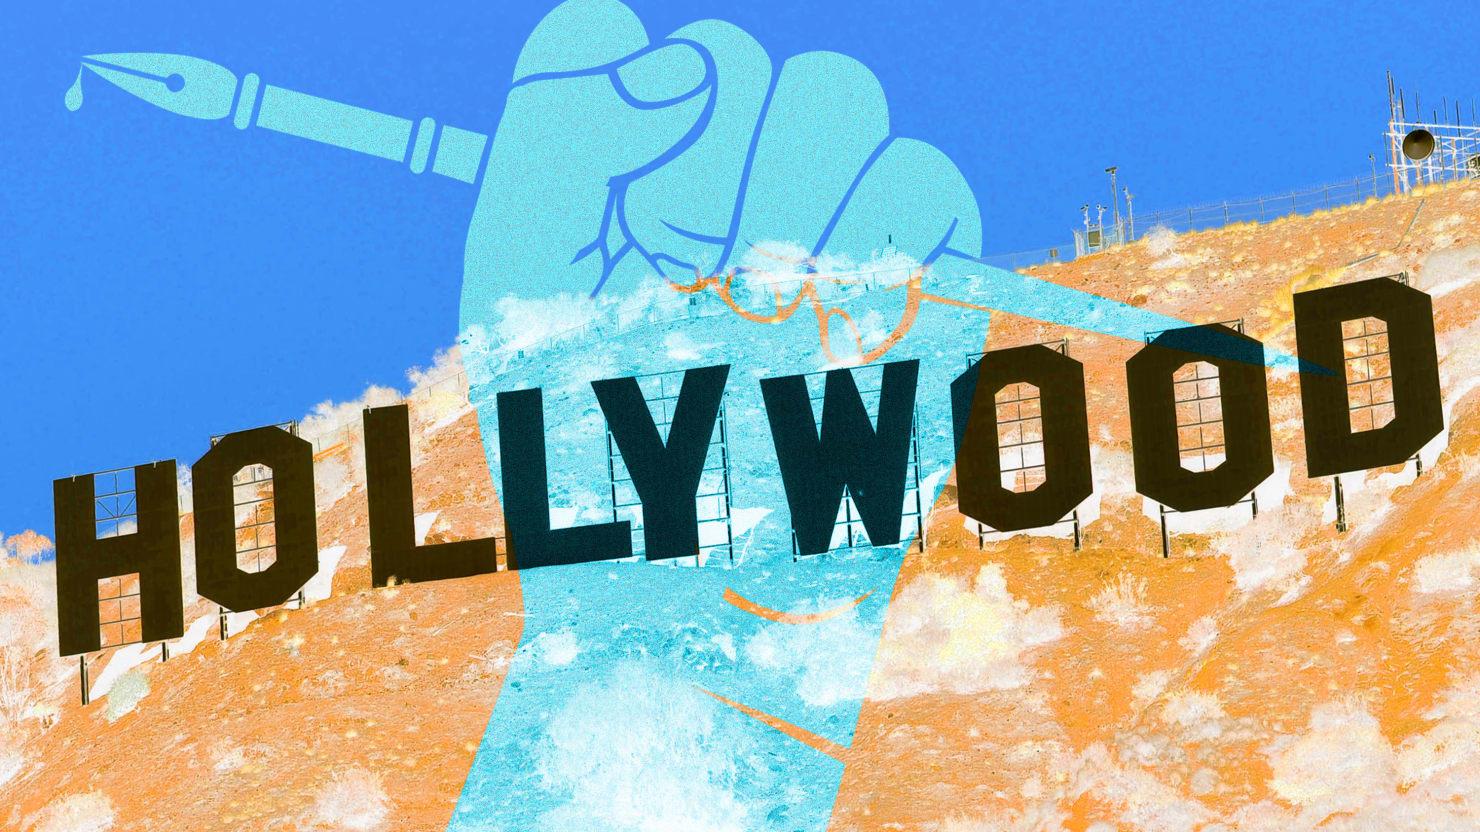 190702-hitt-writers-hollywood-tease_hgfbyx.jpeg